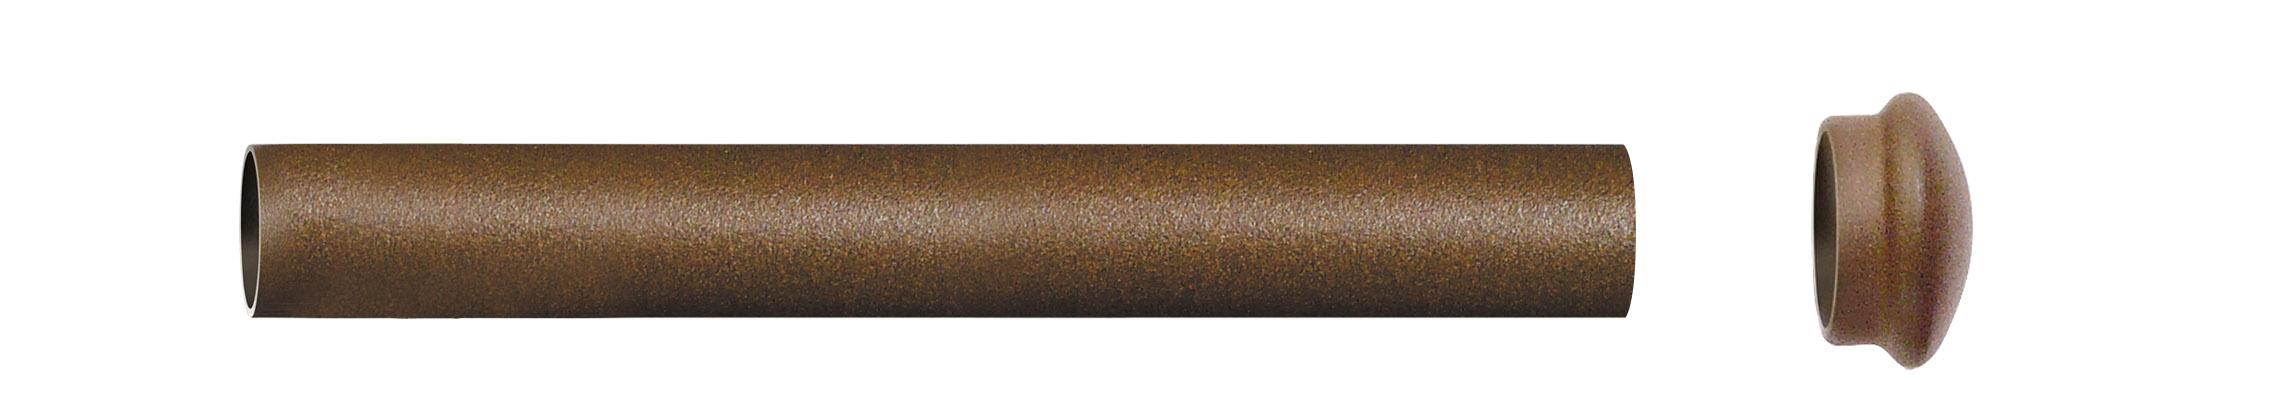 Tube nu en Fer Forgé Rouille 2 m (Rouille)